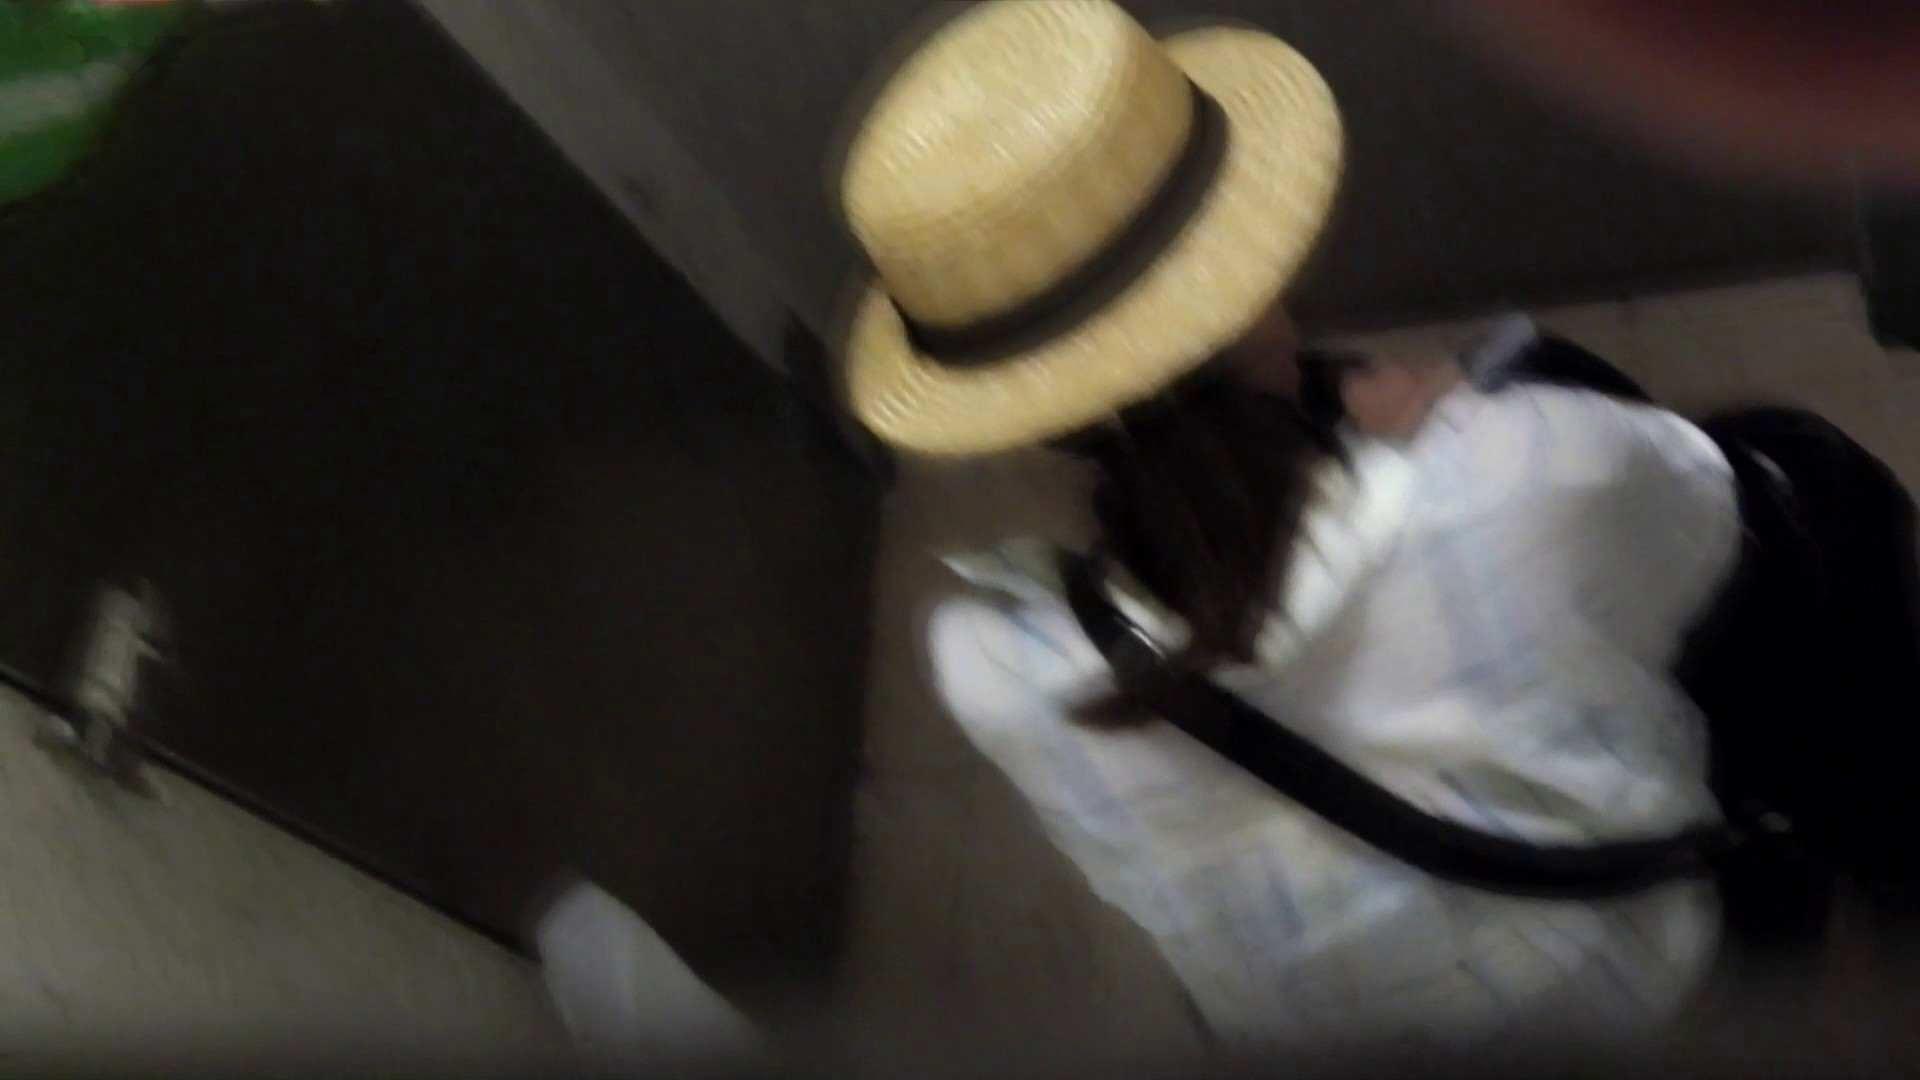 ▲復活限定▲マンコ丸見え!花火大会潜入撮 Vol.02 明るい場所に移動! マンコ | 洗面所のぞき  112枚 46